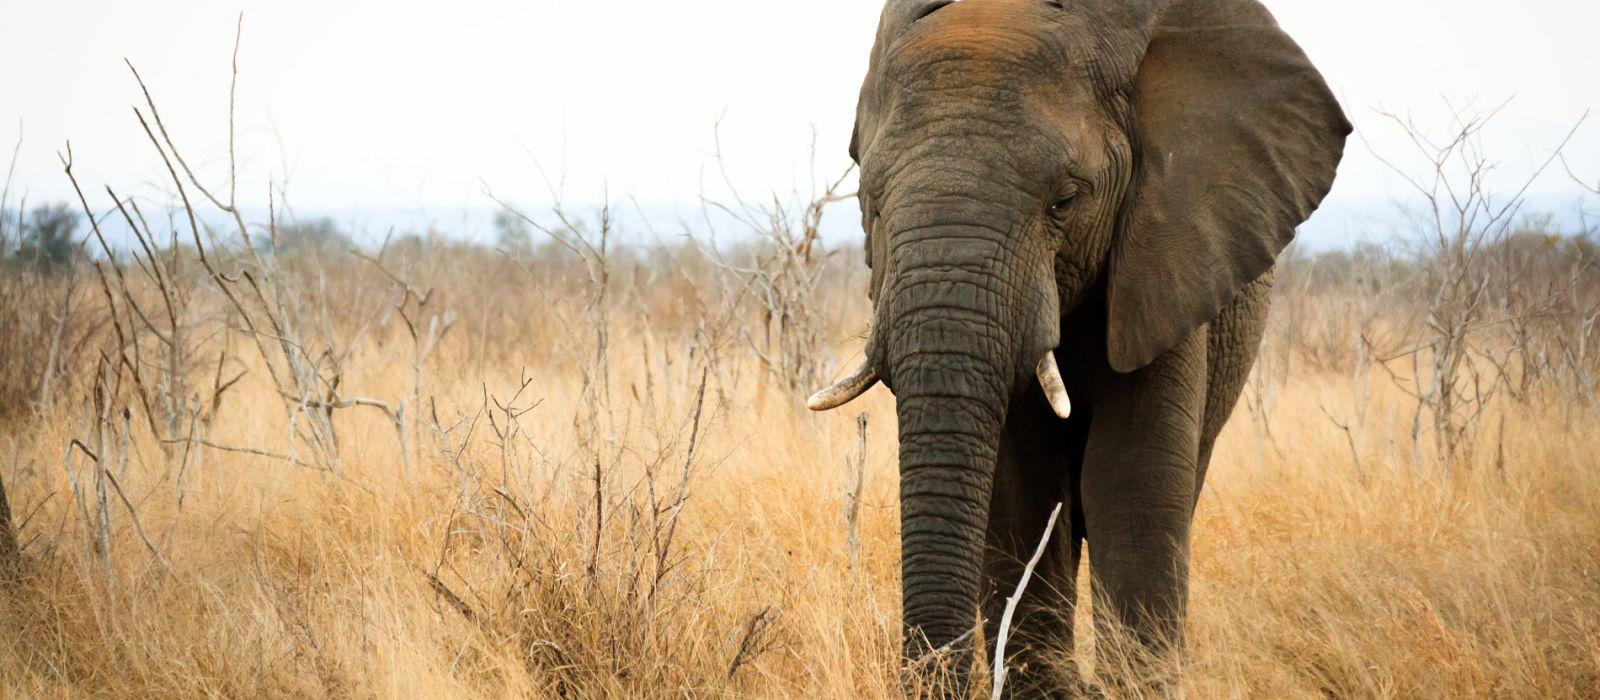 ESwatini (Swaziland) Tours & Trips